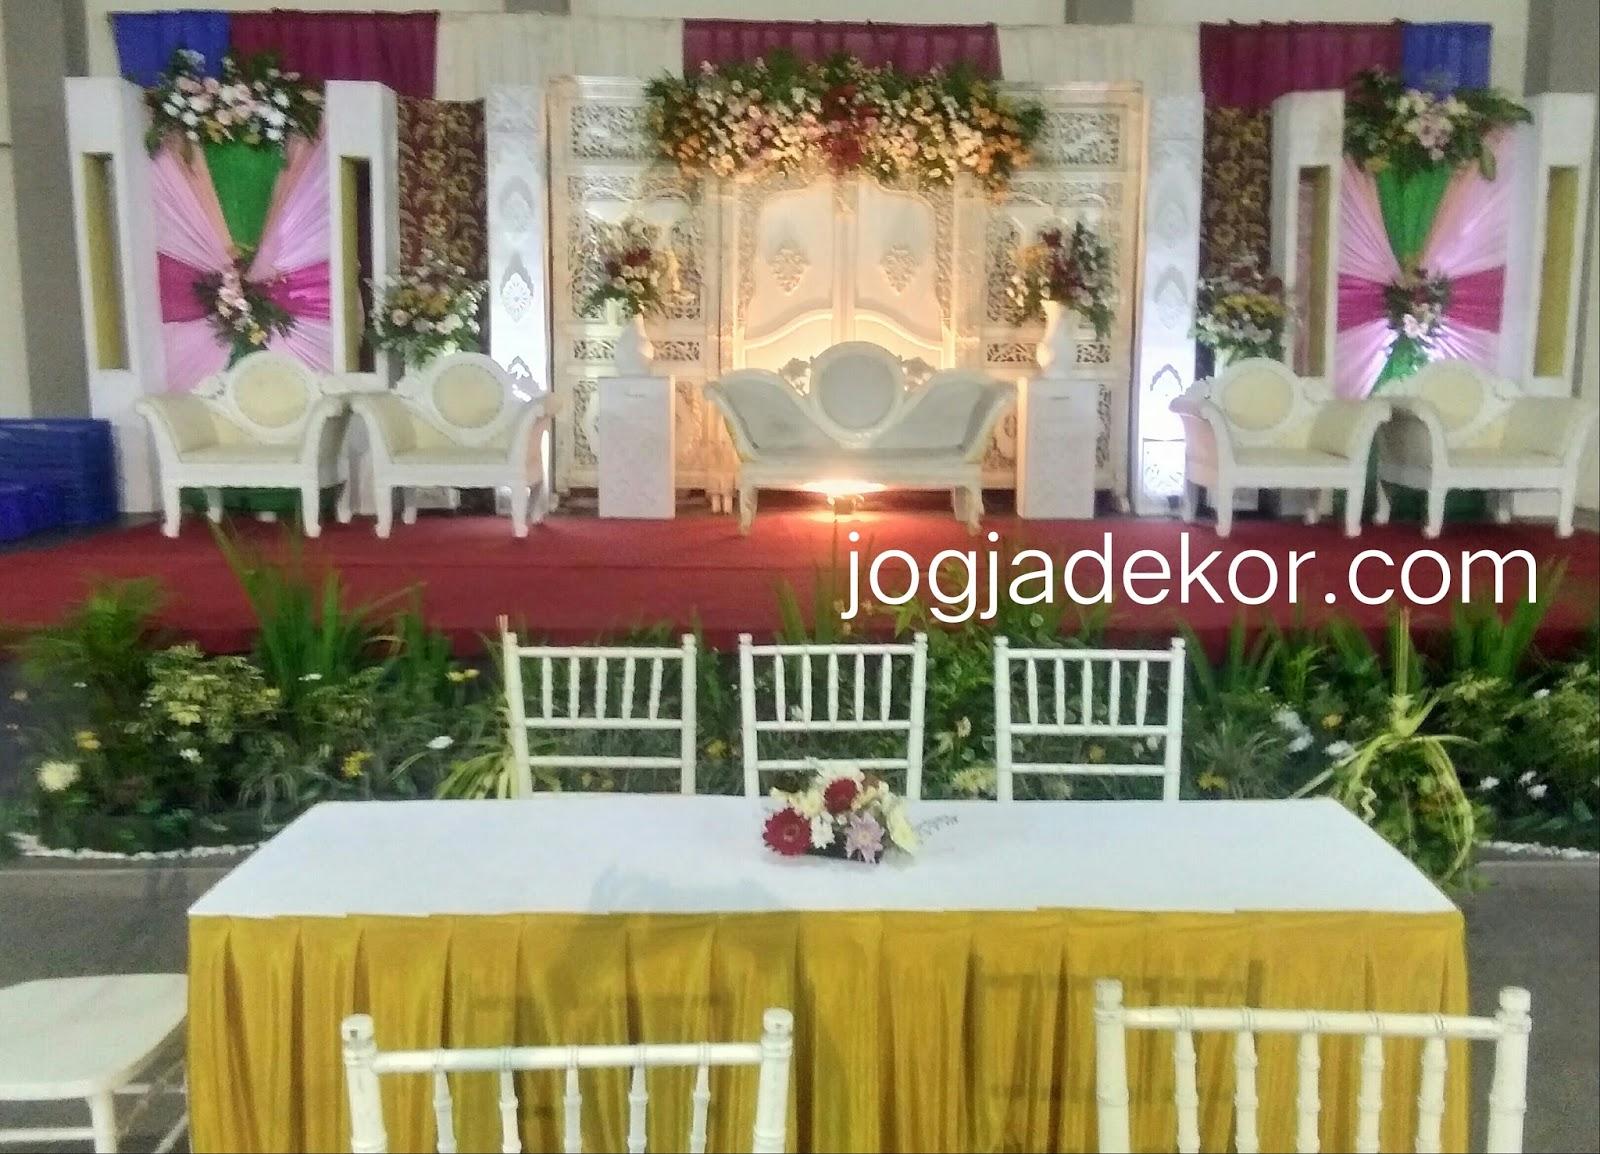 dekorasi pernikahan wedding sederhana